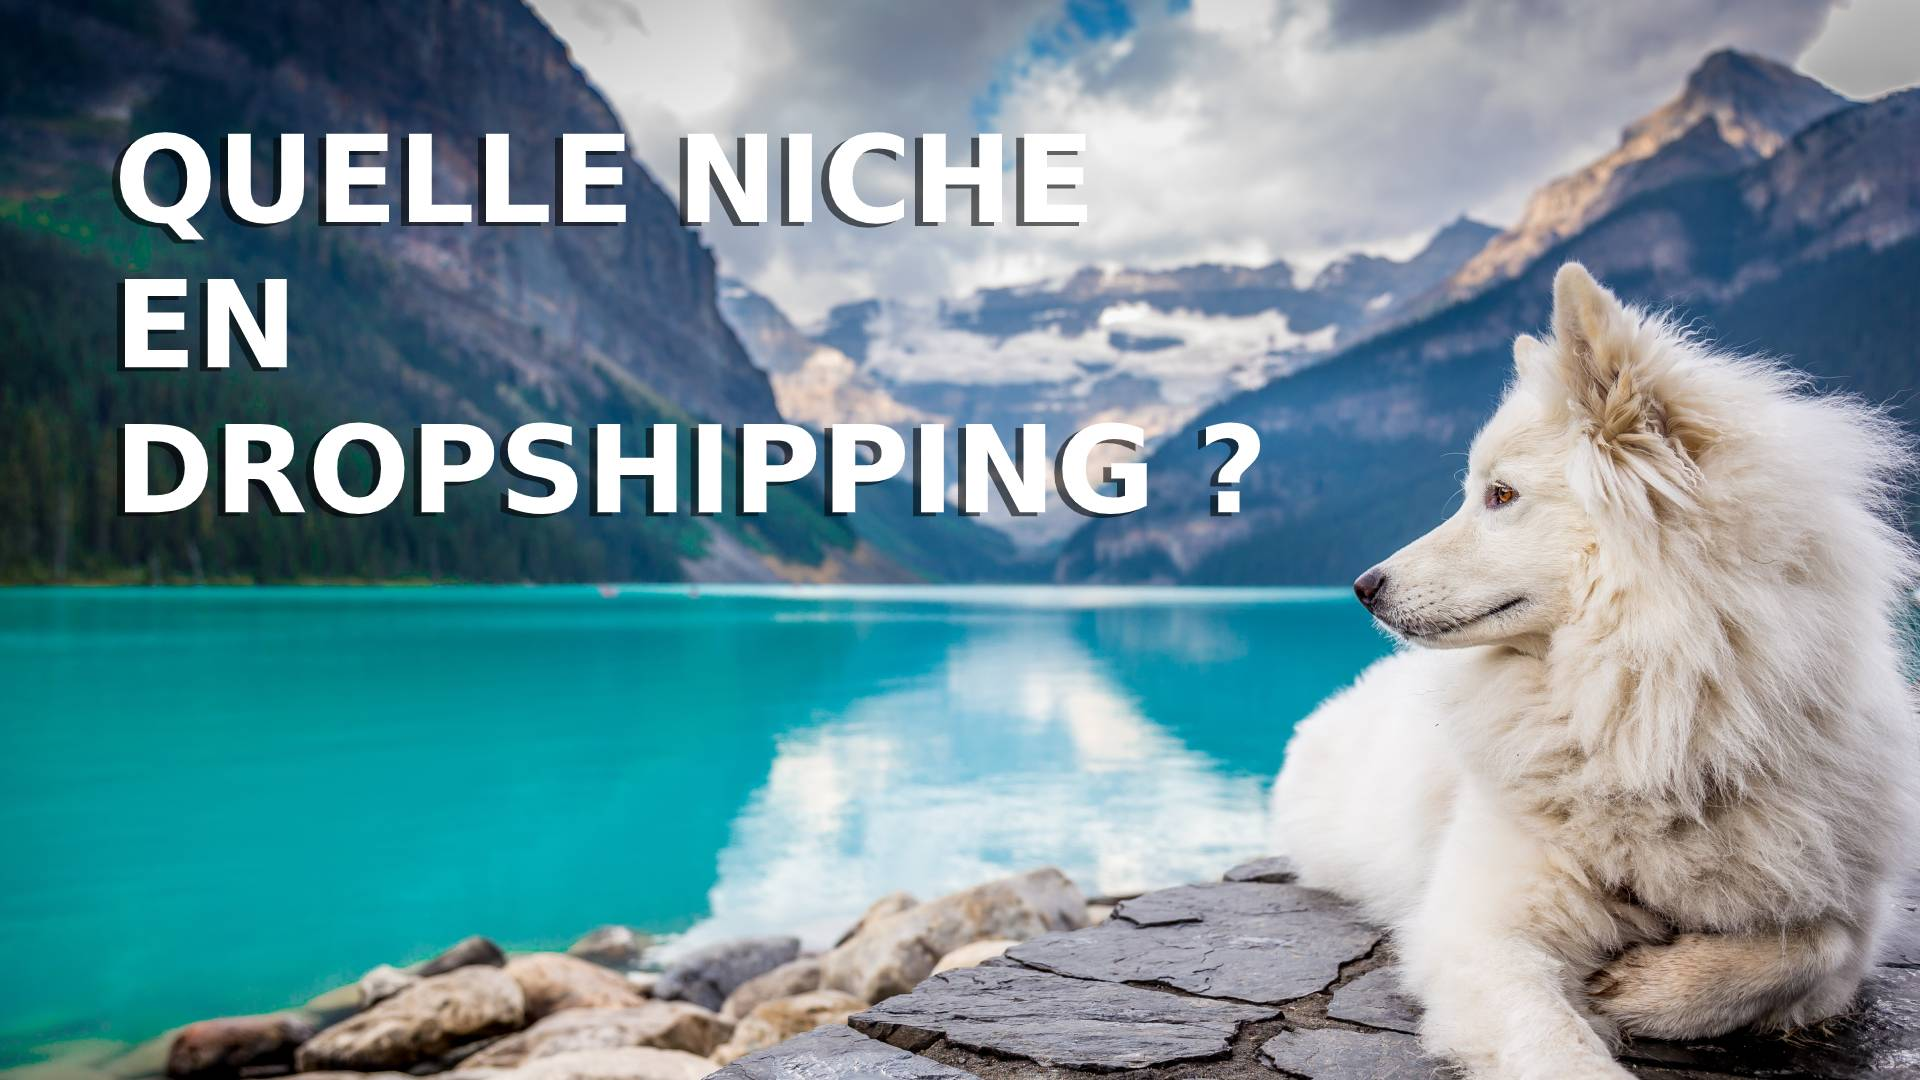 Quelle niche choisir en dropshipping ?